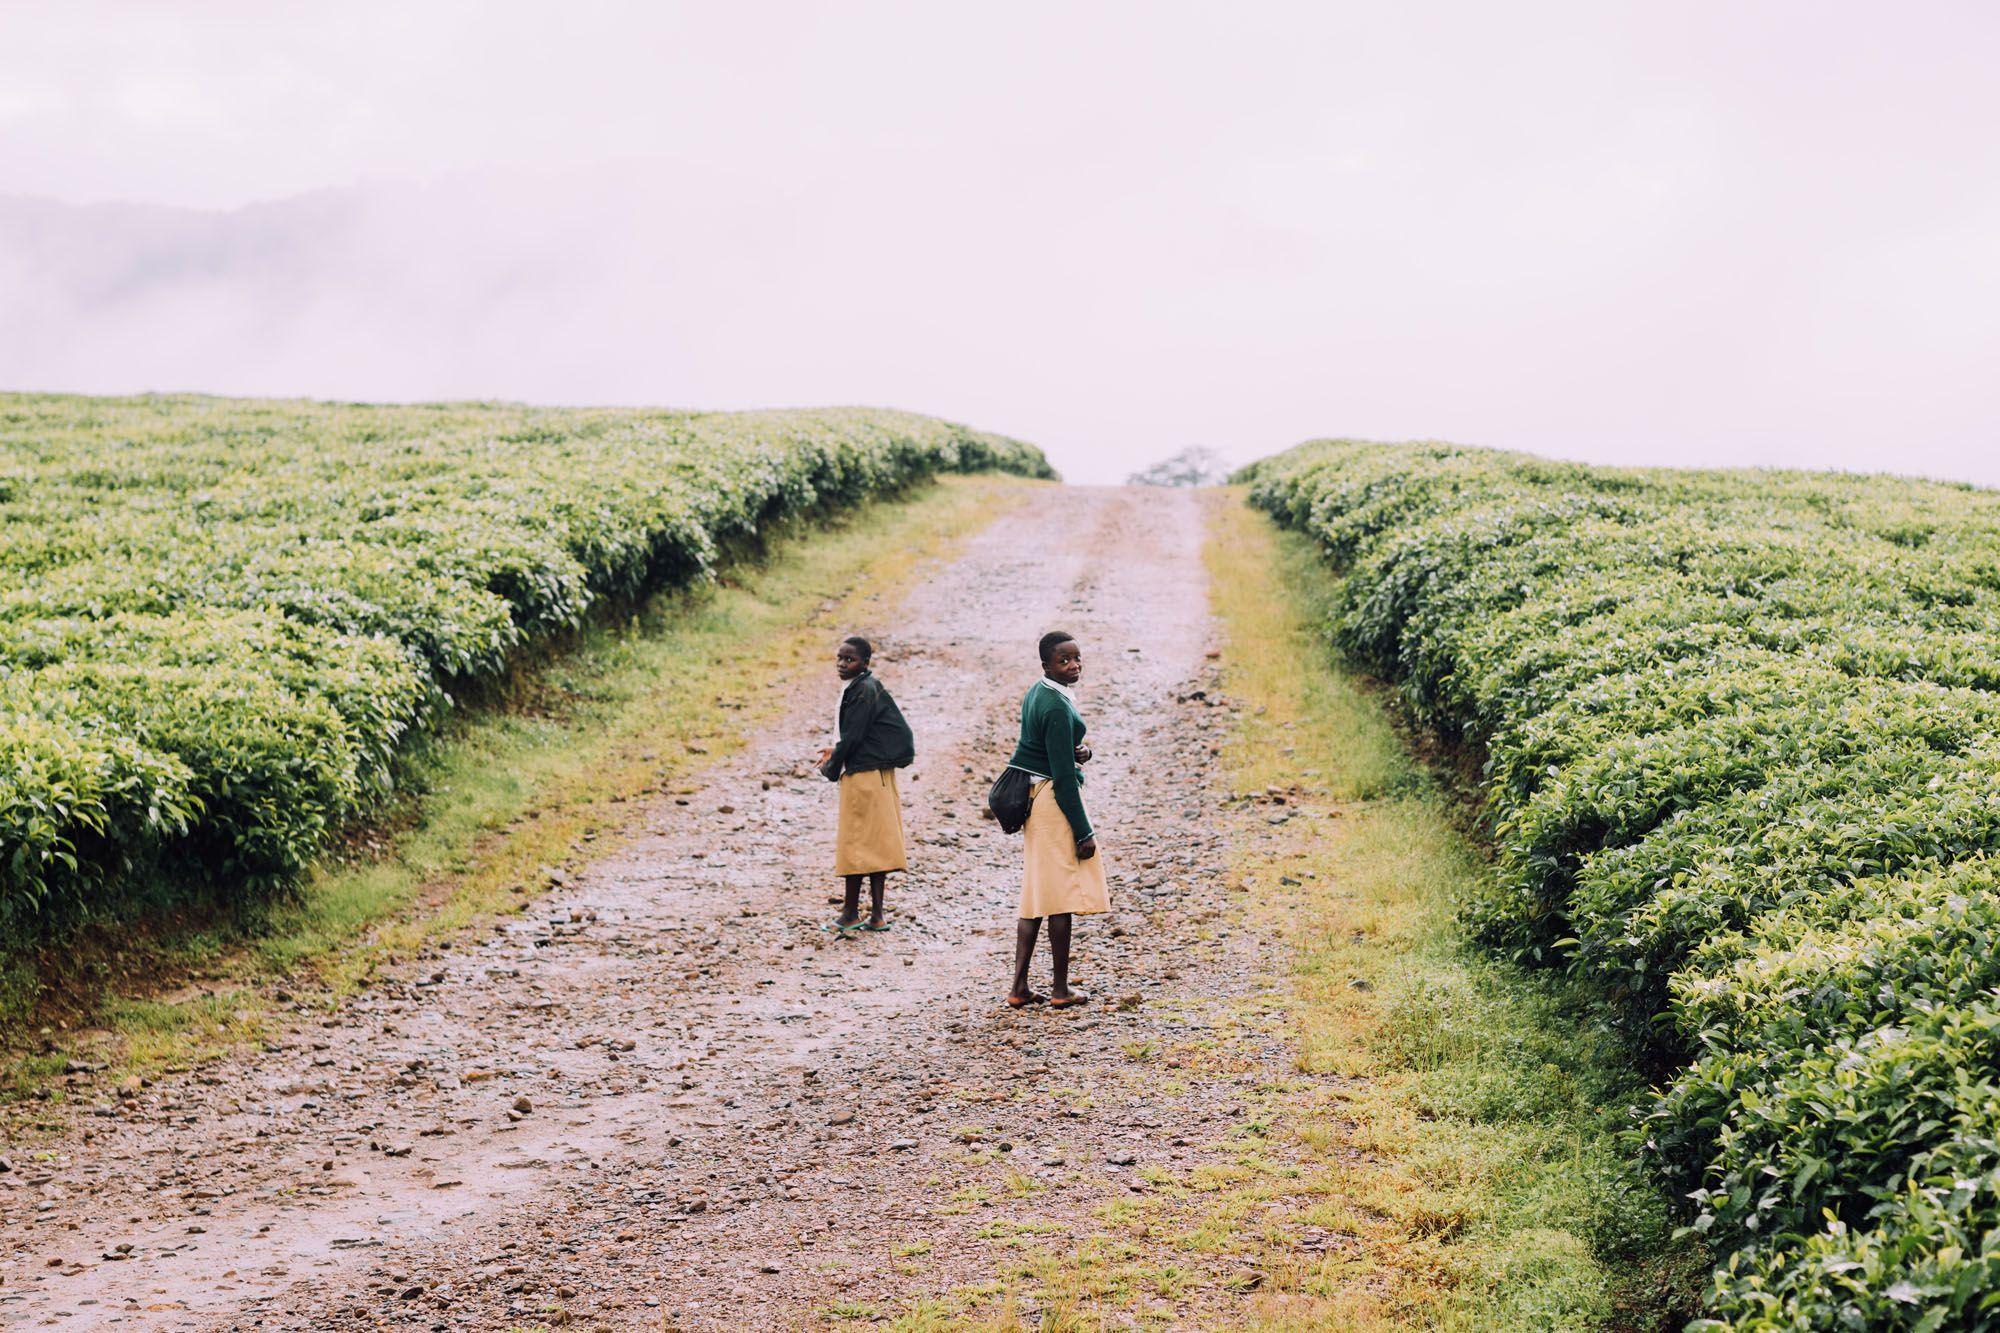 Ruanda siti Web di incontri